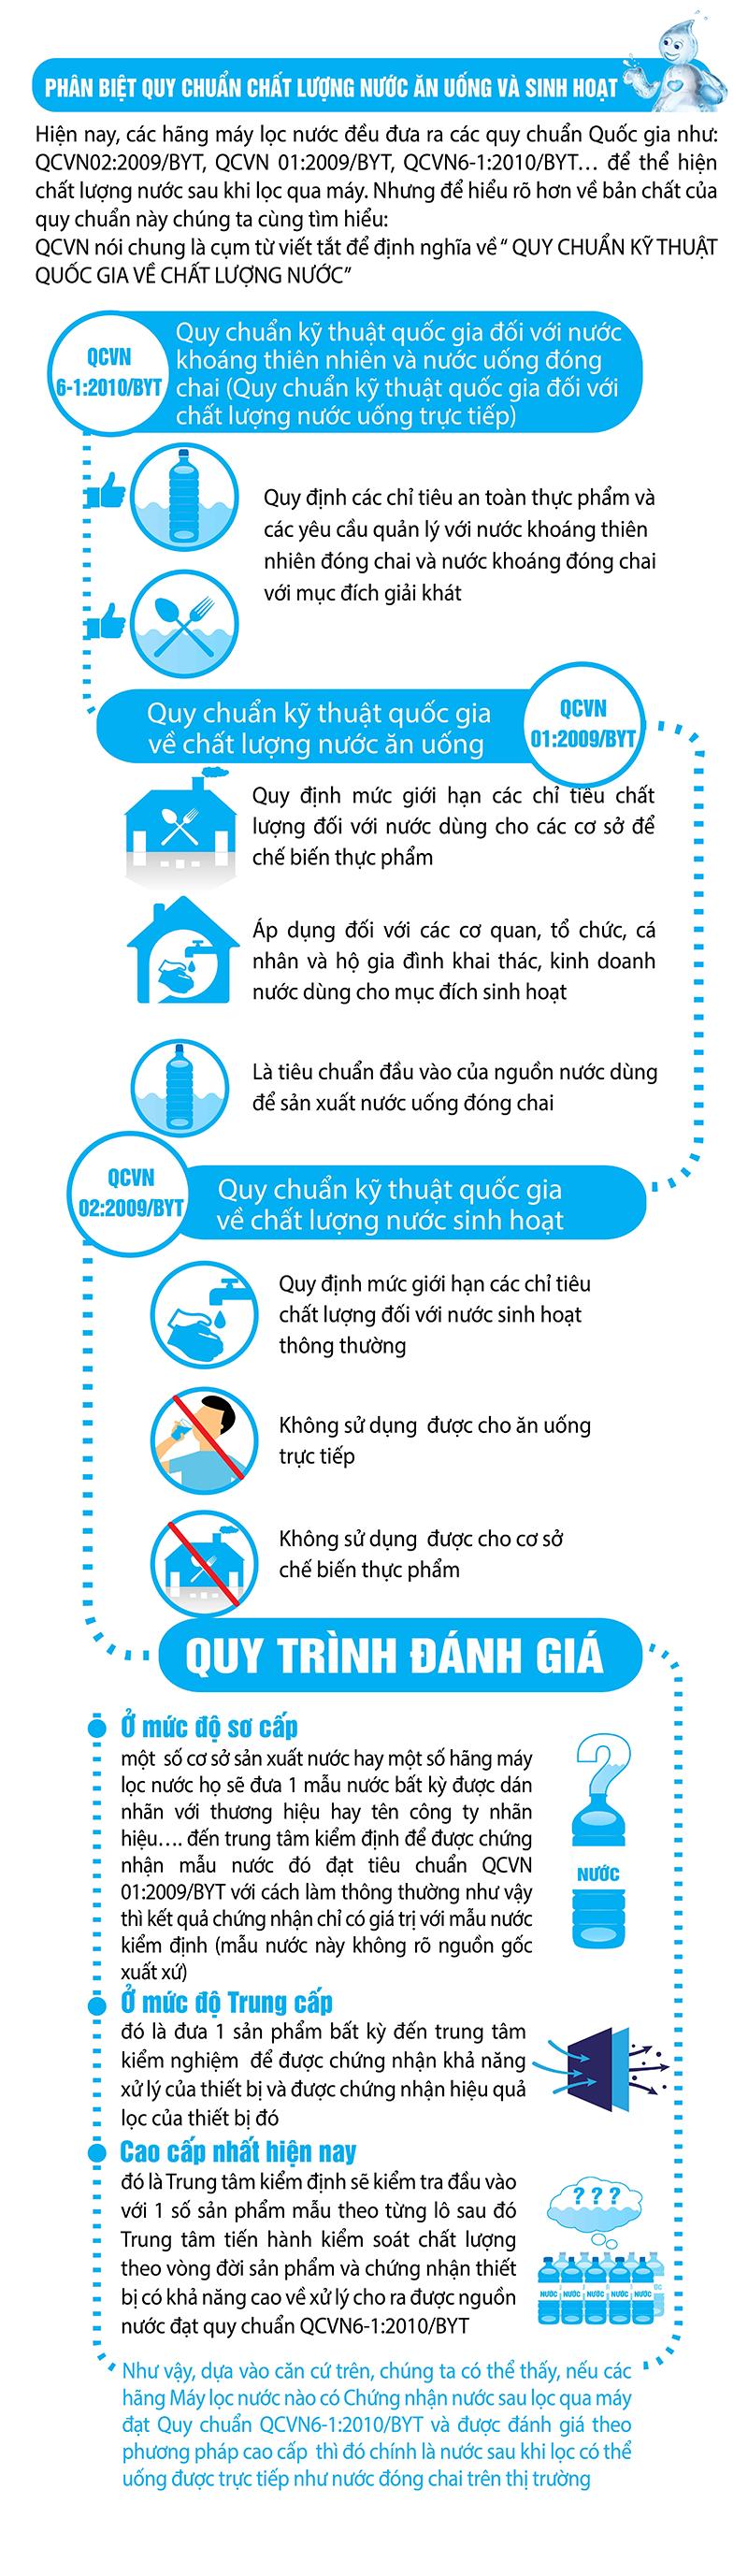 Phân biệt các quy chuẩn quốc gia về chất lượng nước ăn uống